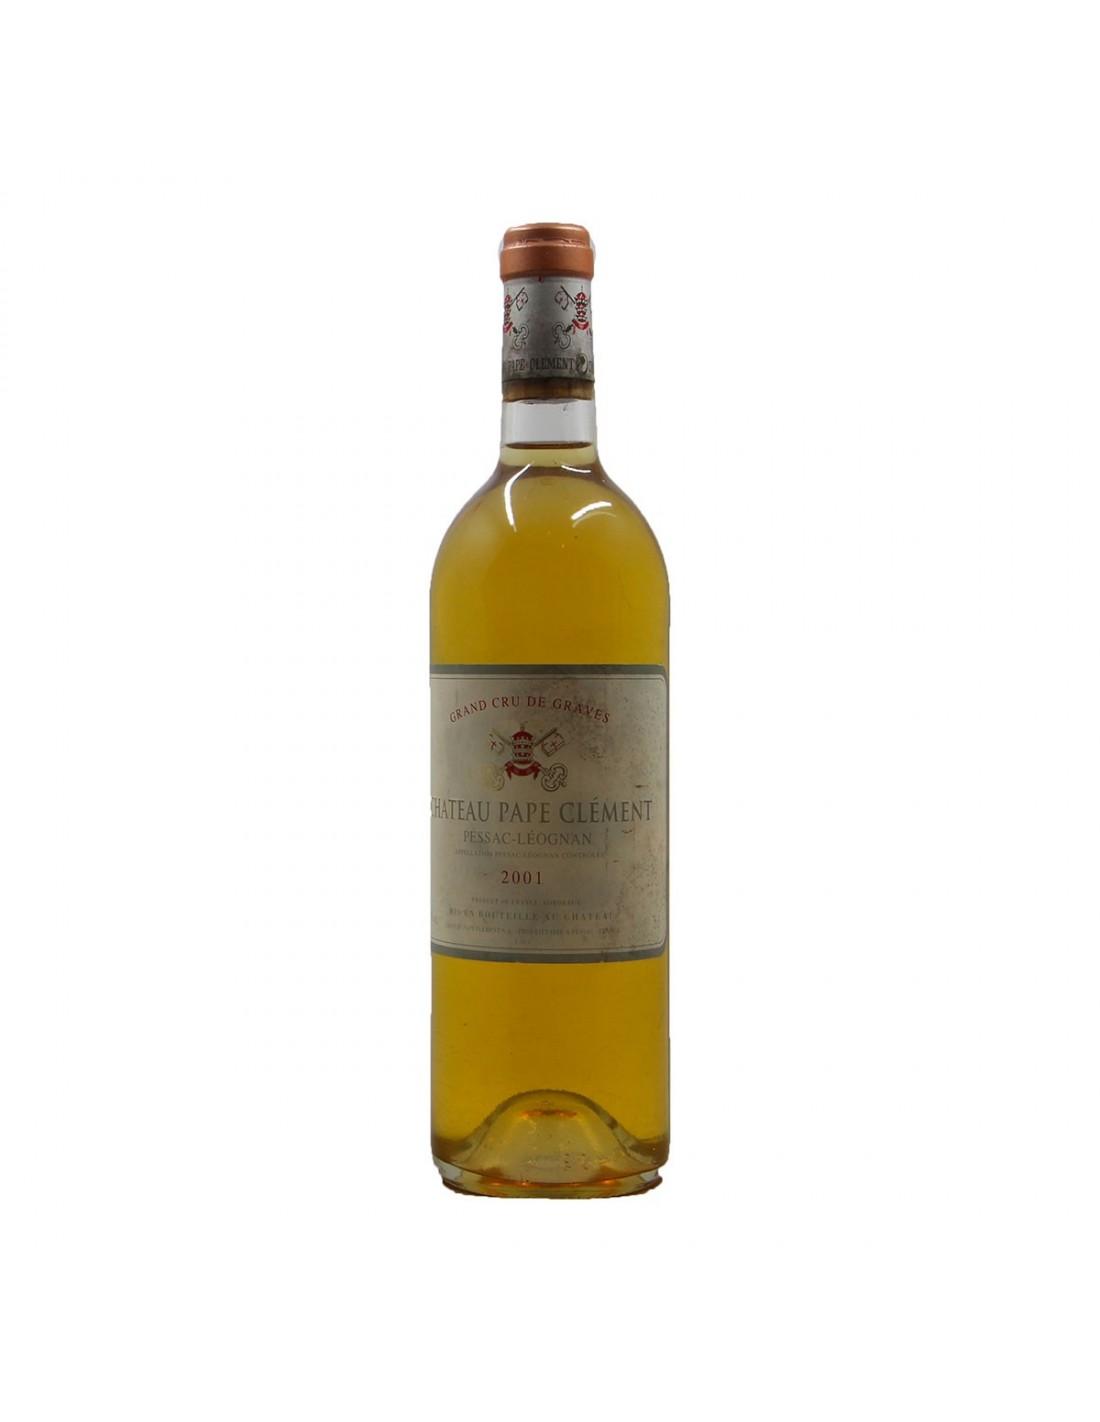 CHATEAU PAPE CLEMENT BLANC 2001 CHATEAU PAPE CLEMENT Grandi Bottiglie